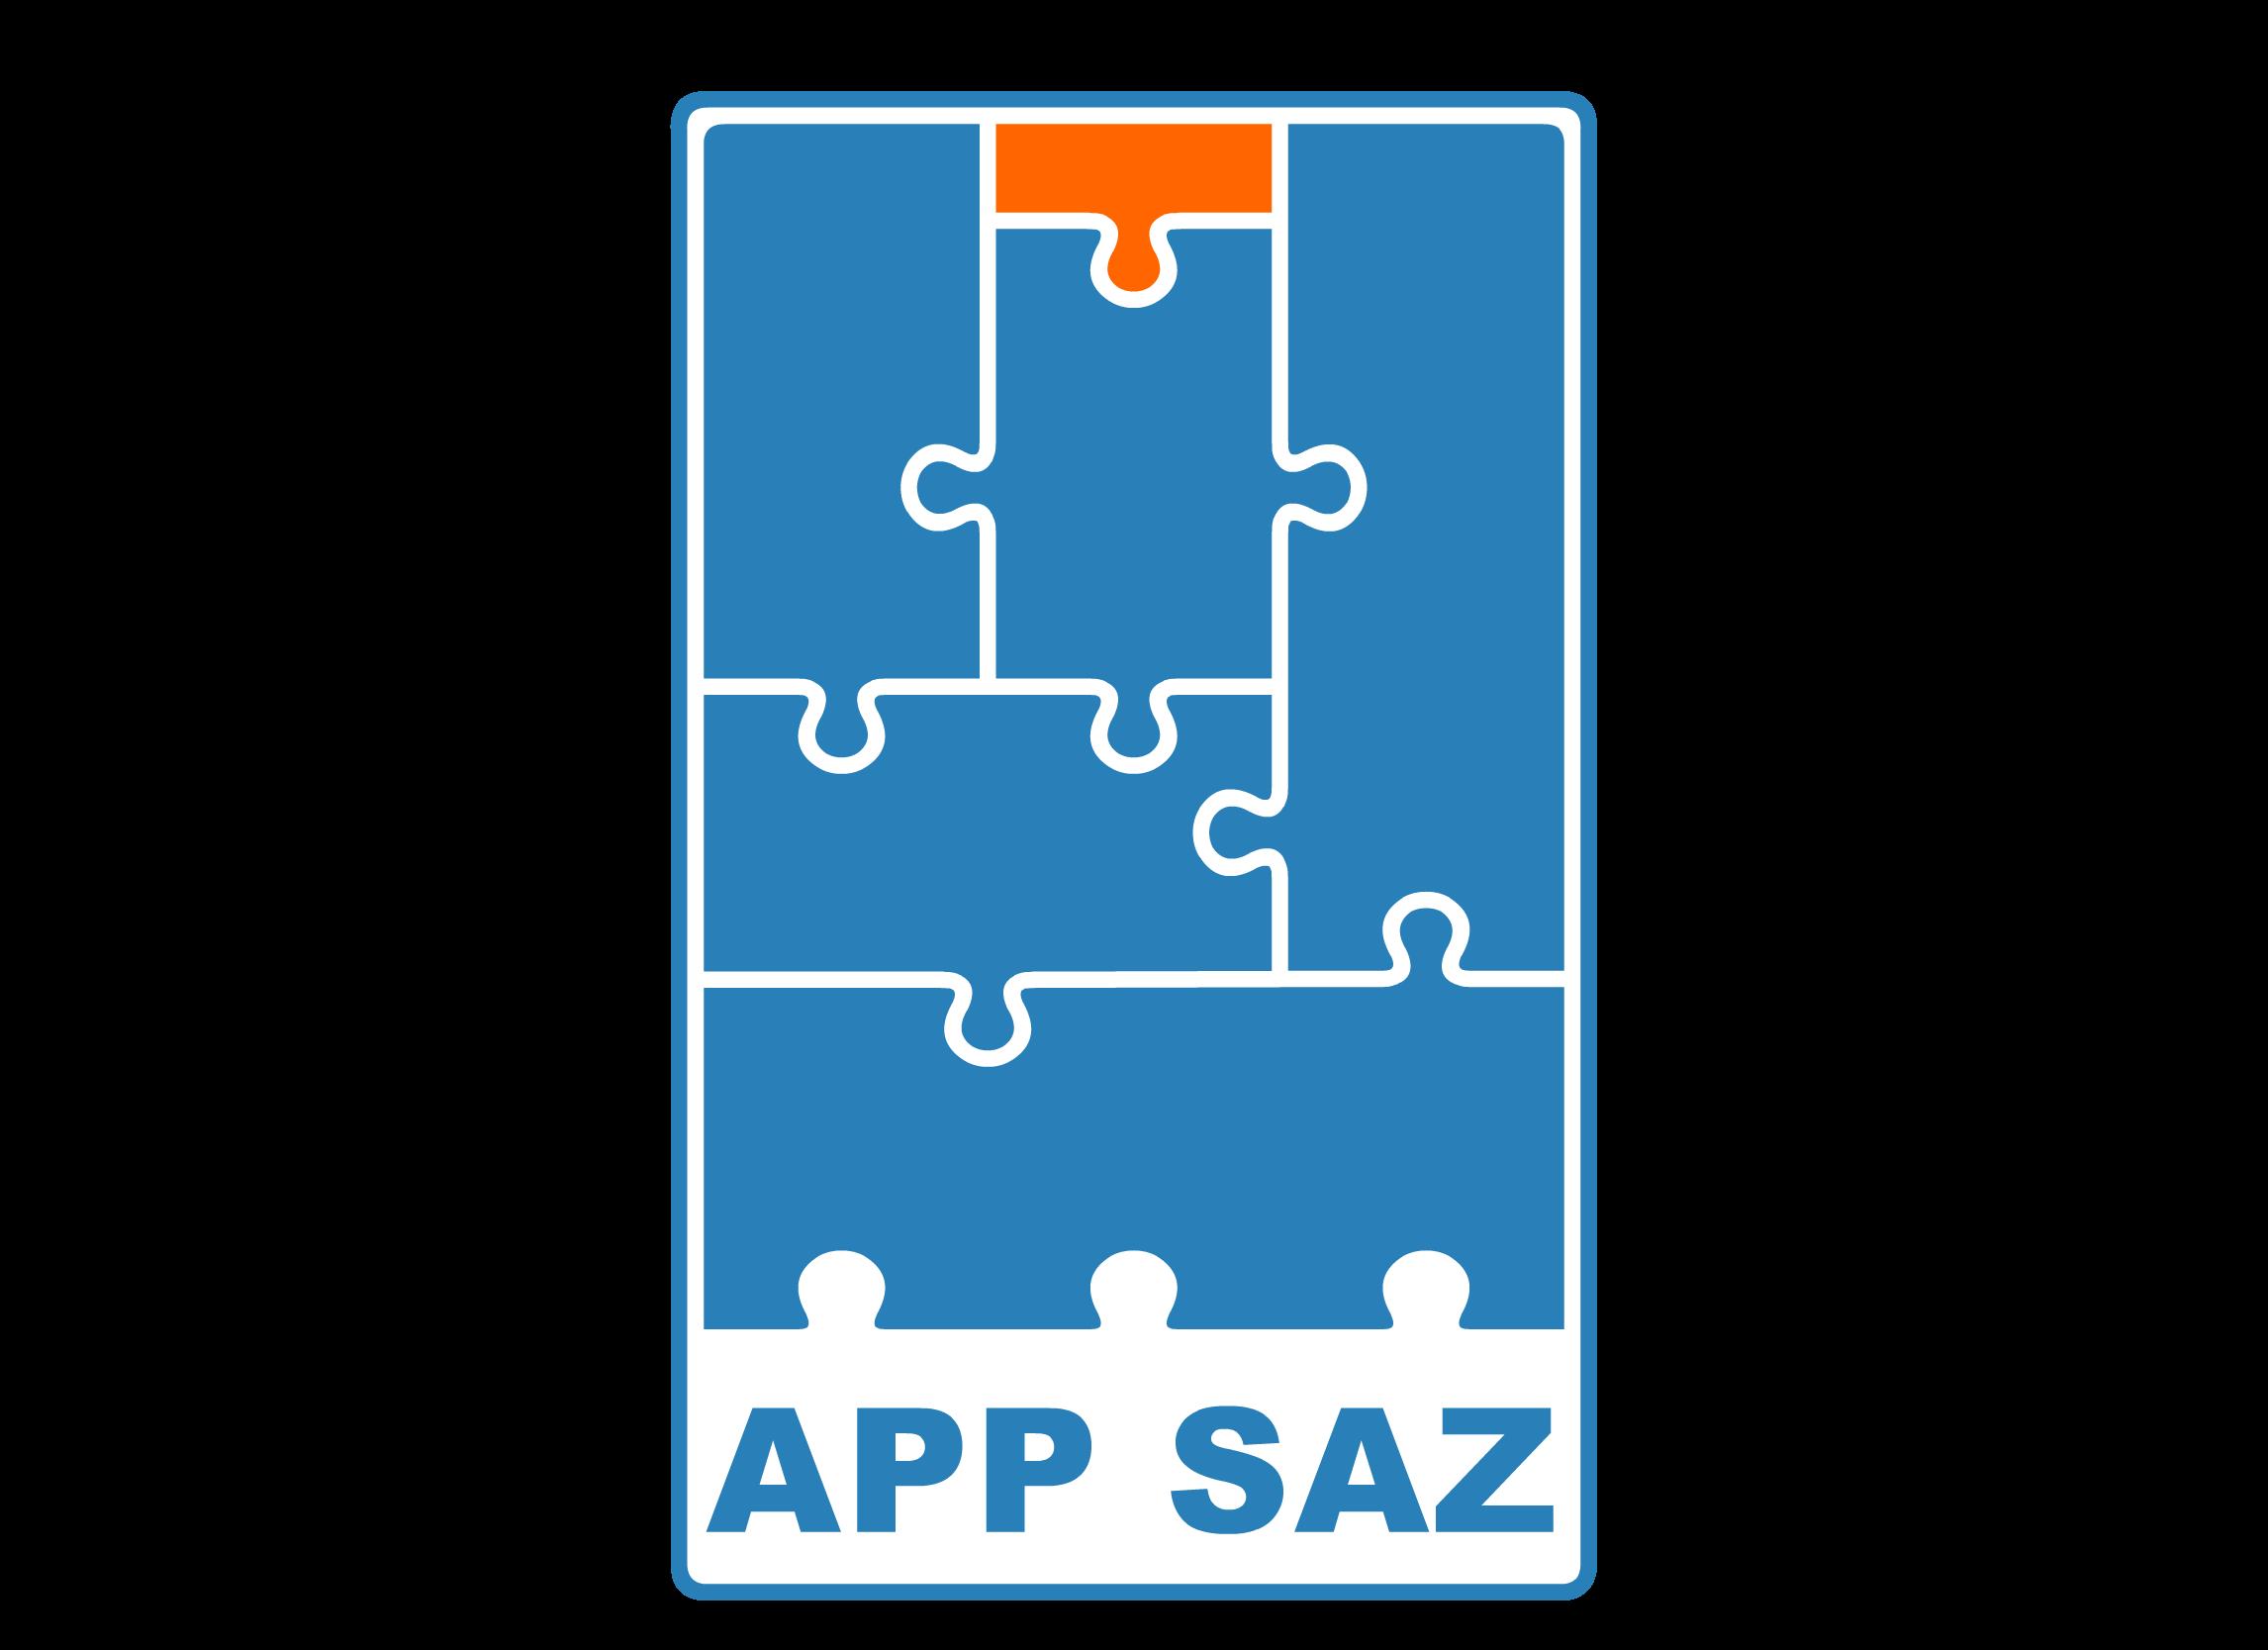 لوگوی شرکت اپ ساز – اپ ساز مرکز طراحی و ساخت اپلیکیشن های موبایل